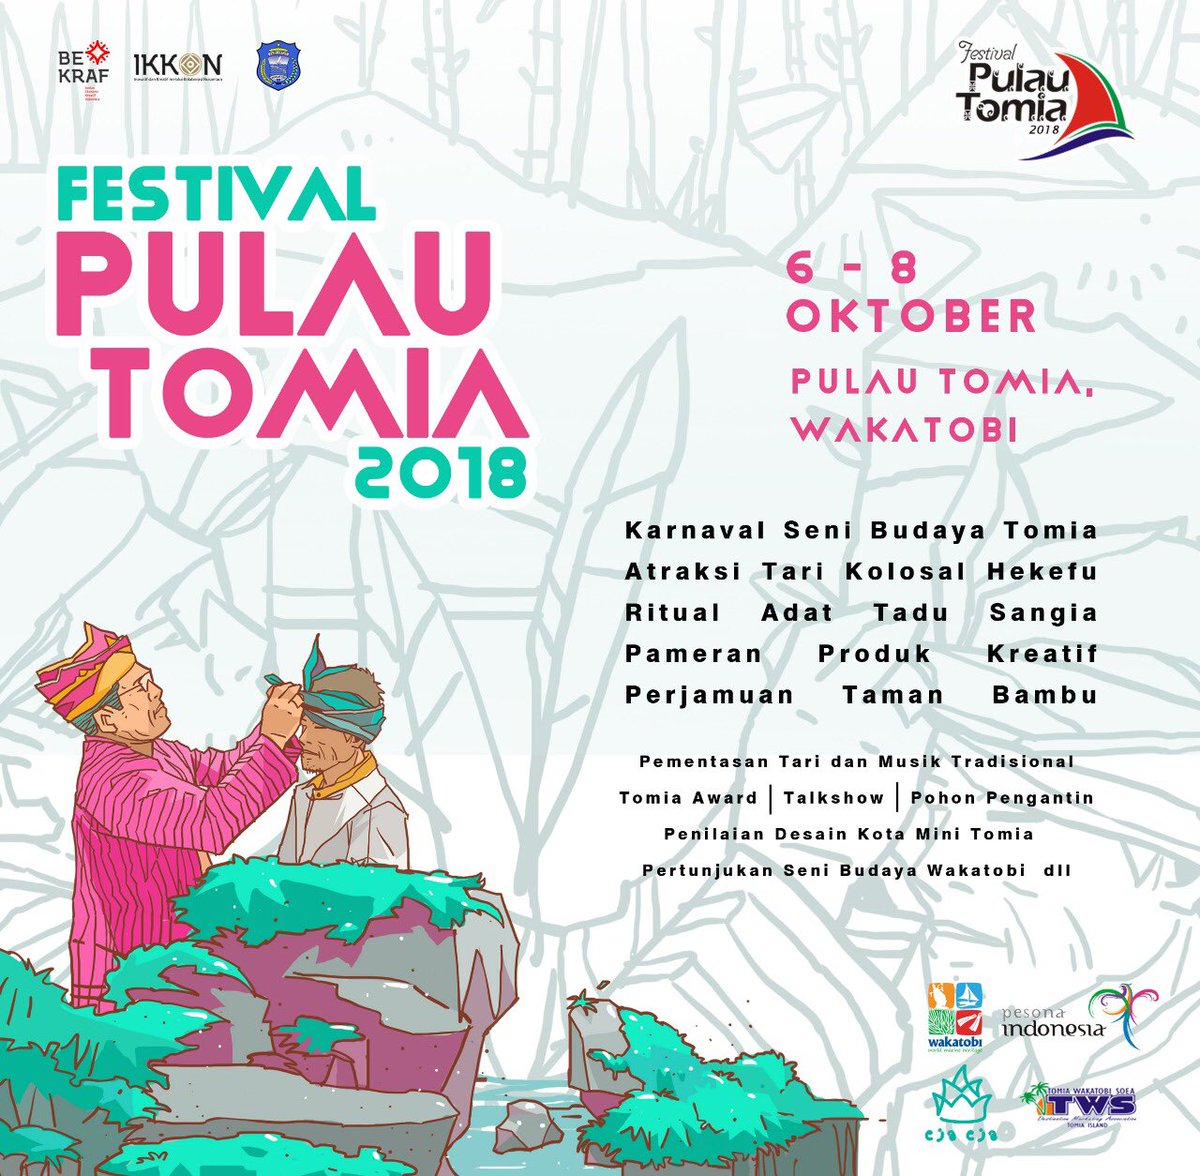 Badan Ekonomi Kreatif On Twitter Pulau Tomia 6 8 Okt 2017